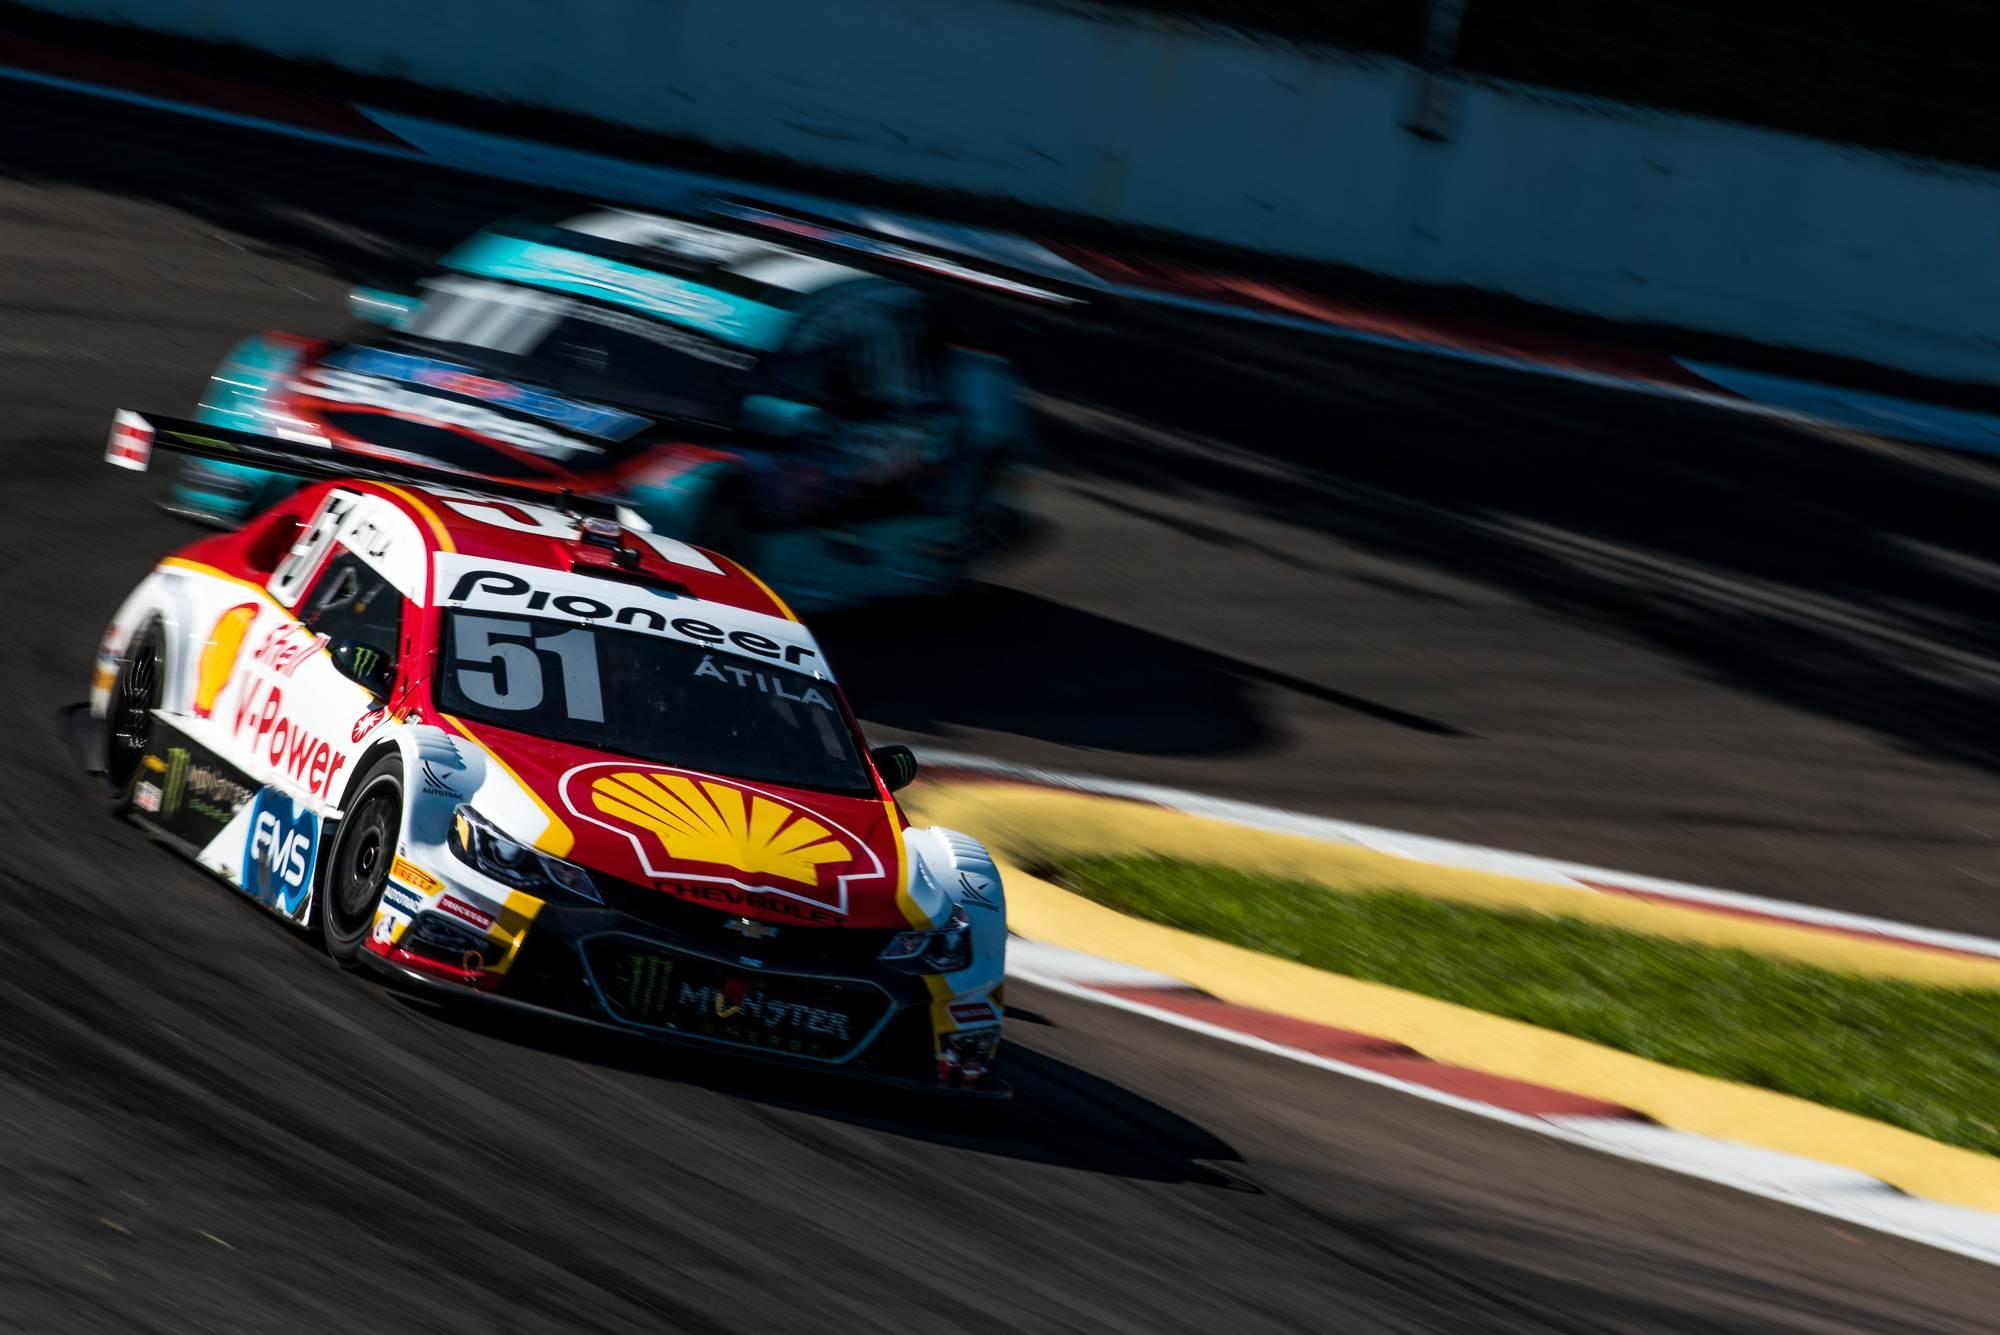 Corrida do Milho, da Stock Car em Goiânia, será realizado no dia 5 de agosto | Foto: José Mário Dias/Shell Racing